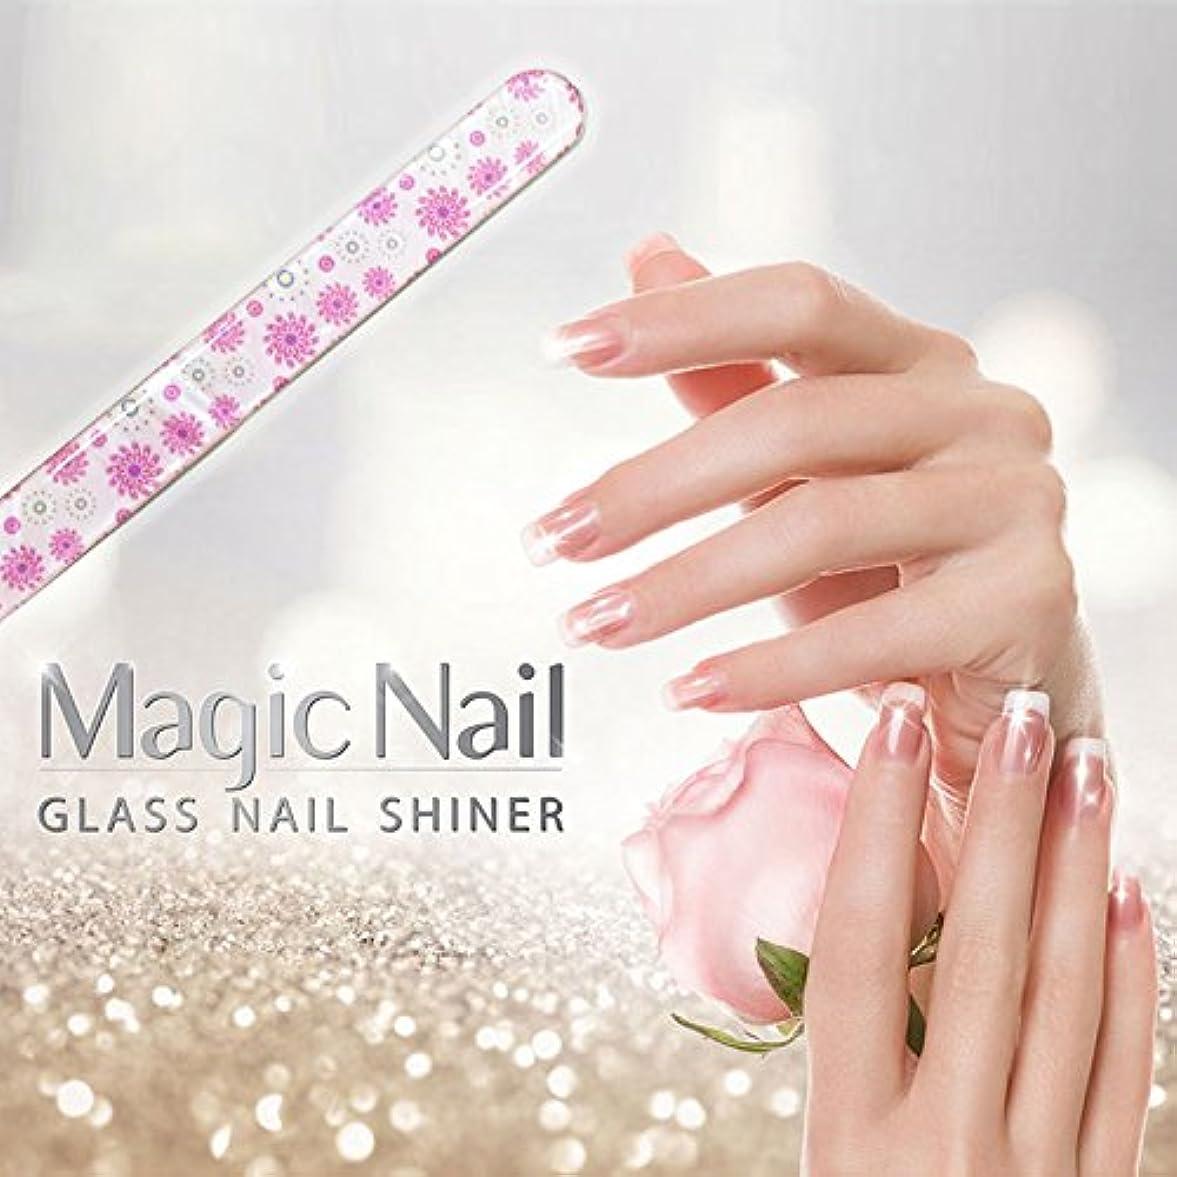 オゾン贅沢な暗殺するエッサンテ(Essante) マジックネイル magic nail マニキュアを塗ったようなツヤ、輝きが家で誰でも簡単に出来る glass nail shiner ガラスネイルシャイナー おしゃれなデザイン つめやすり ...